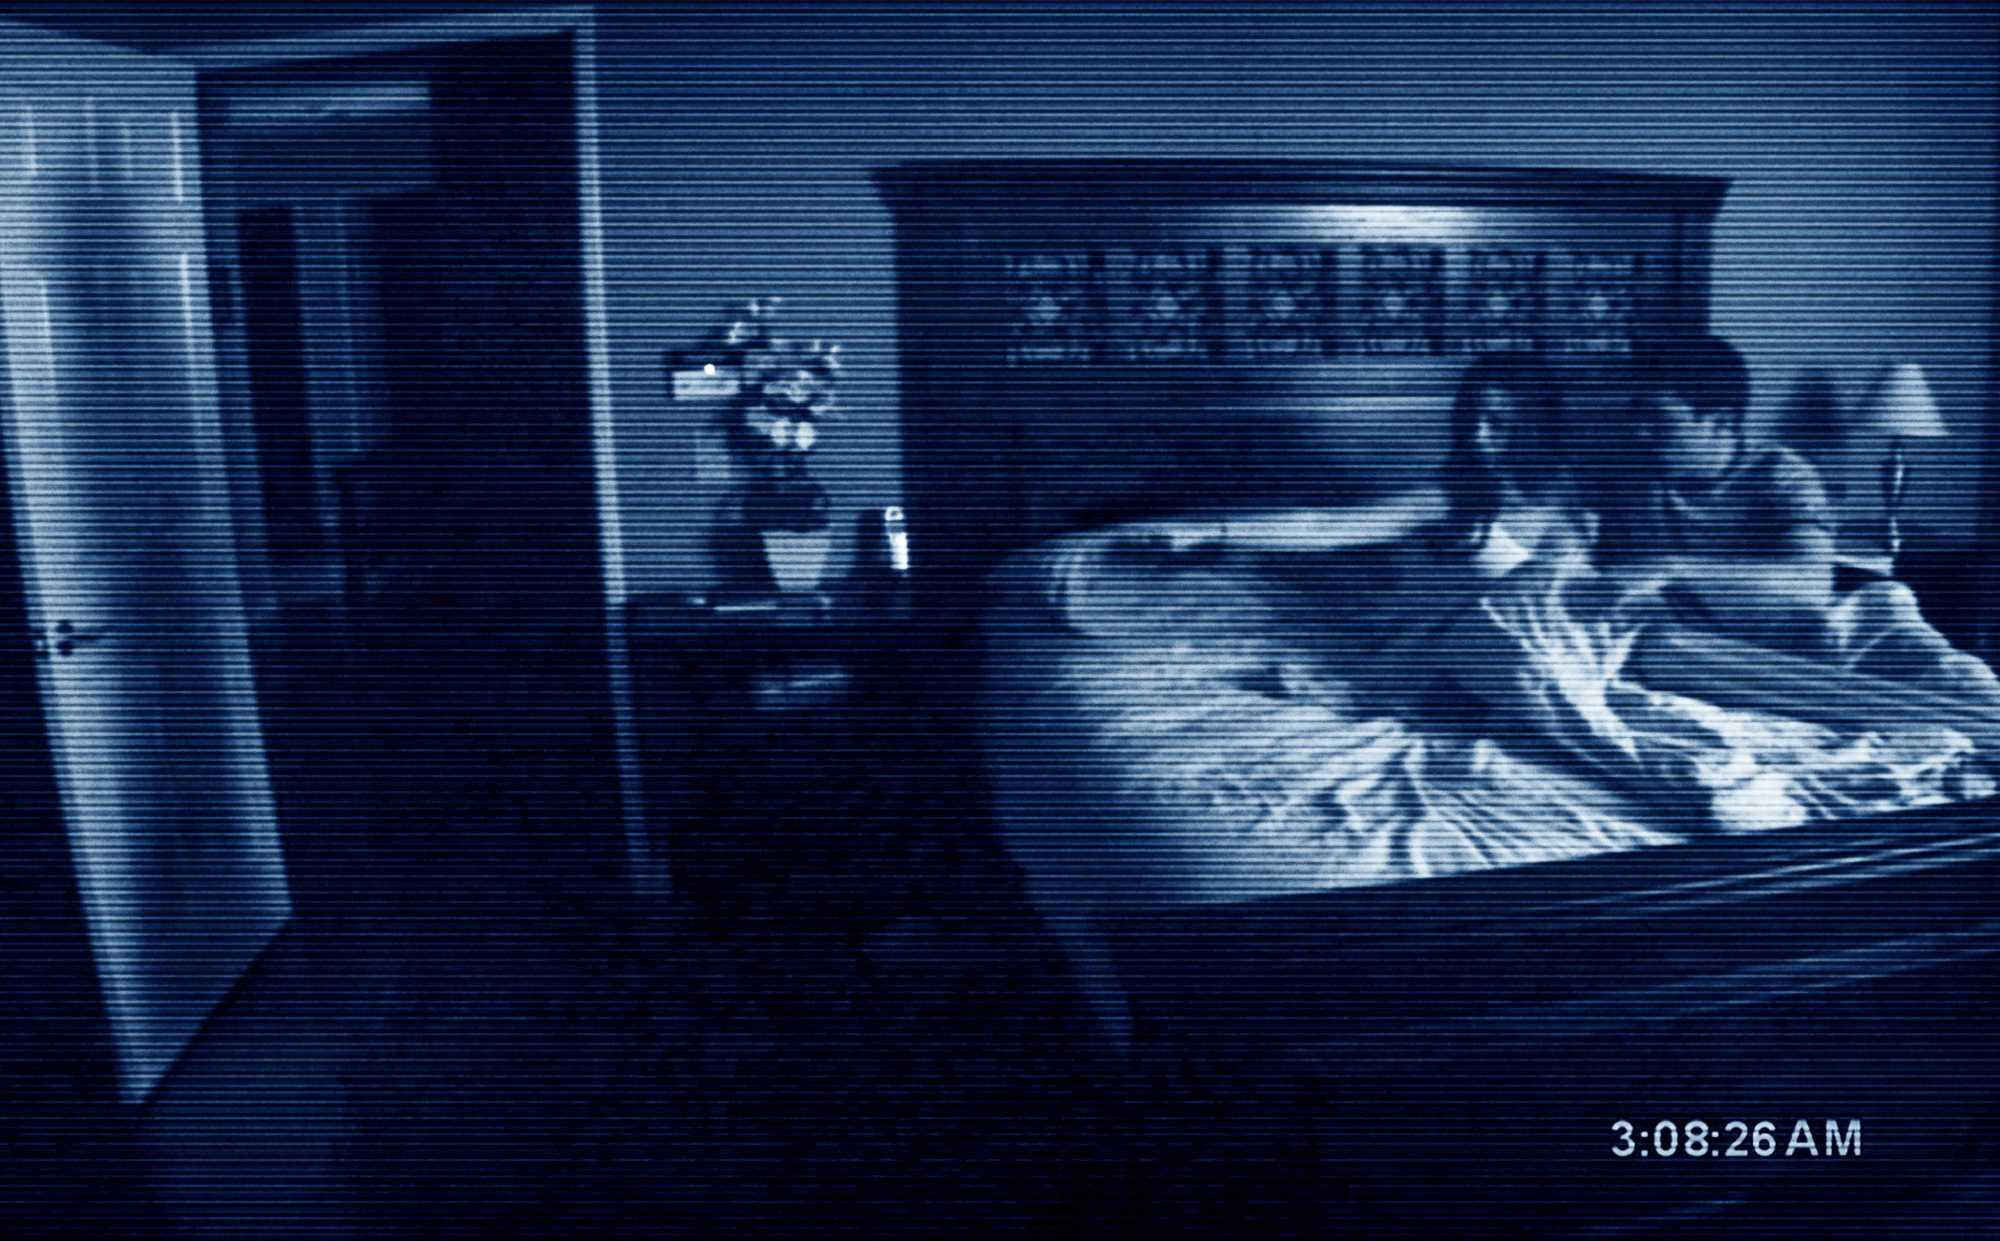 Como assistir Atividade Paranormal na ordem cronológica correta